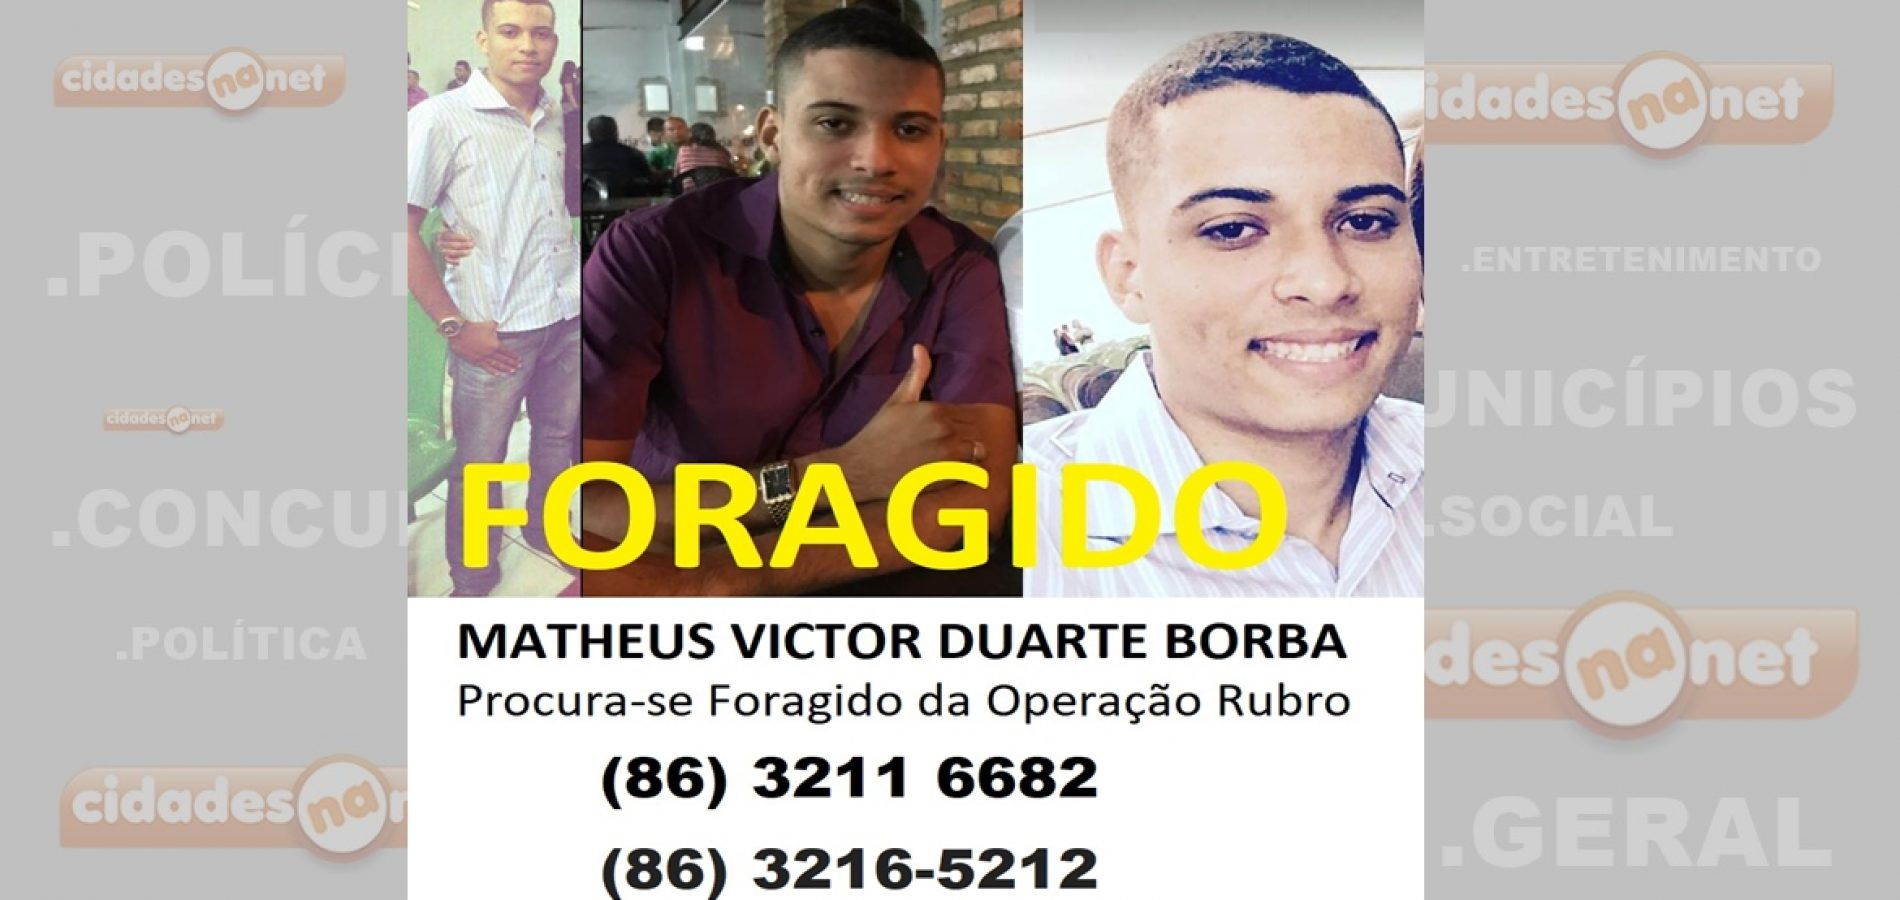 Polícia Civil procura principal alvo da Operação Rubro no Piauí